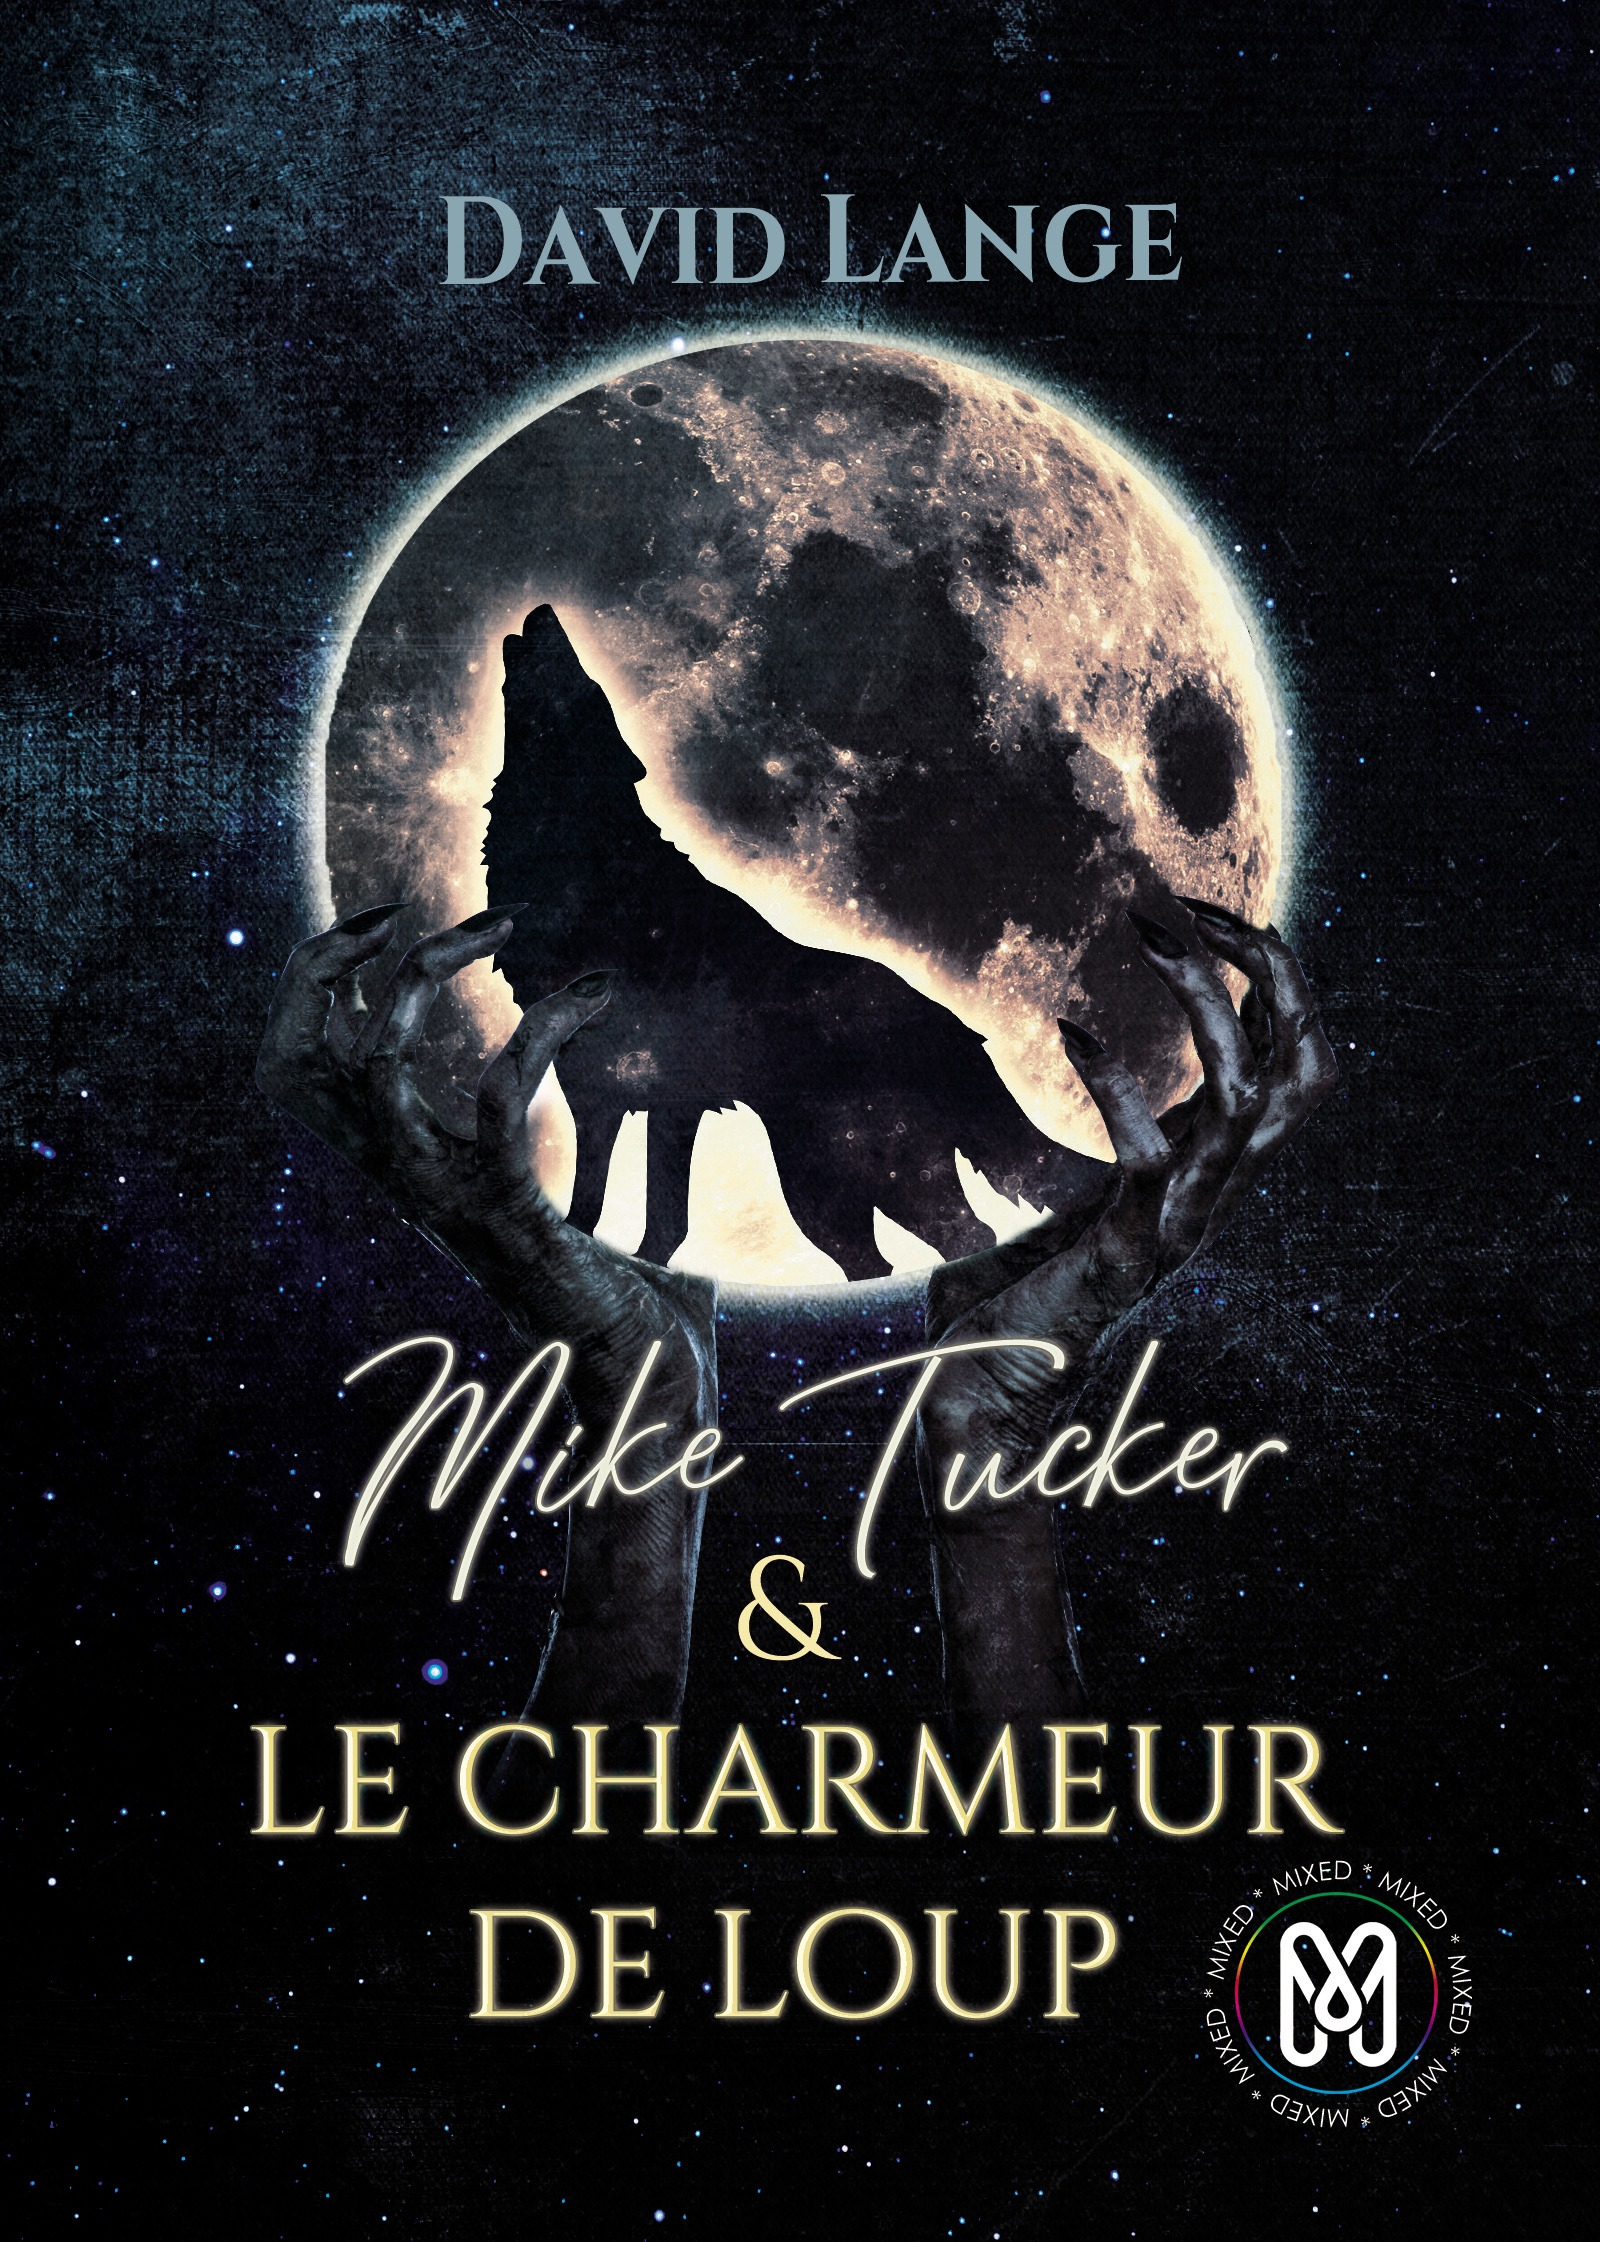 Mike Tucker & Le charmeur de loup